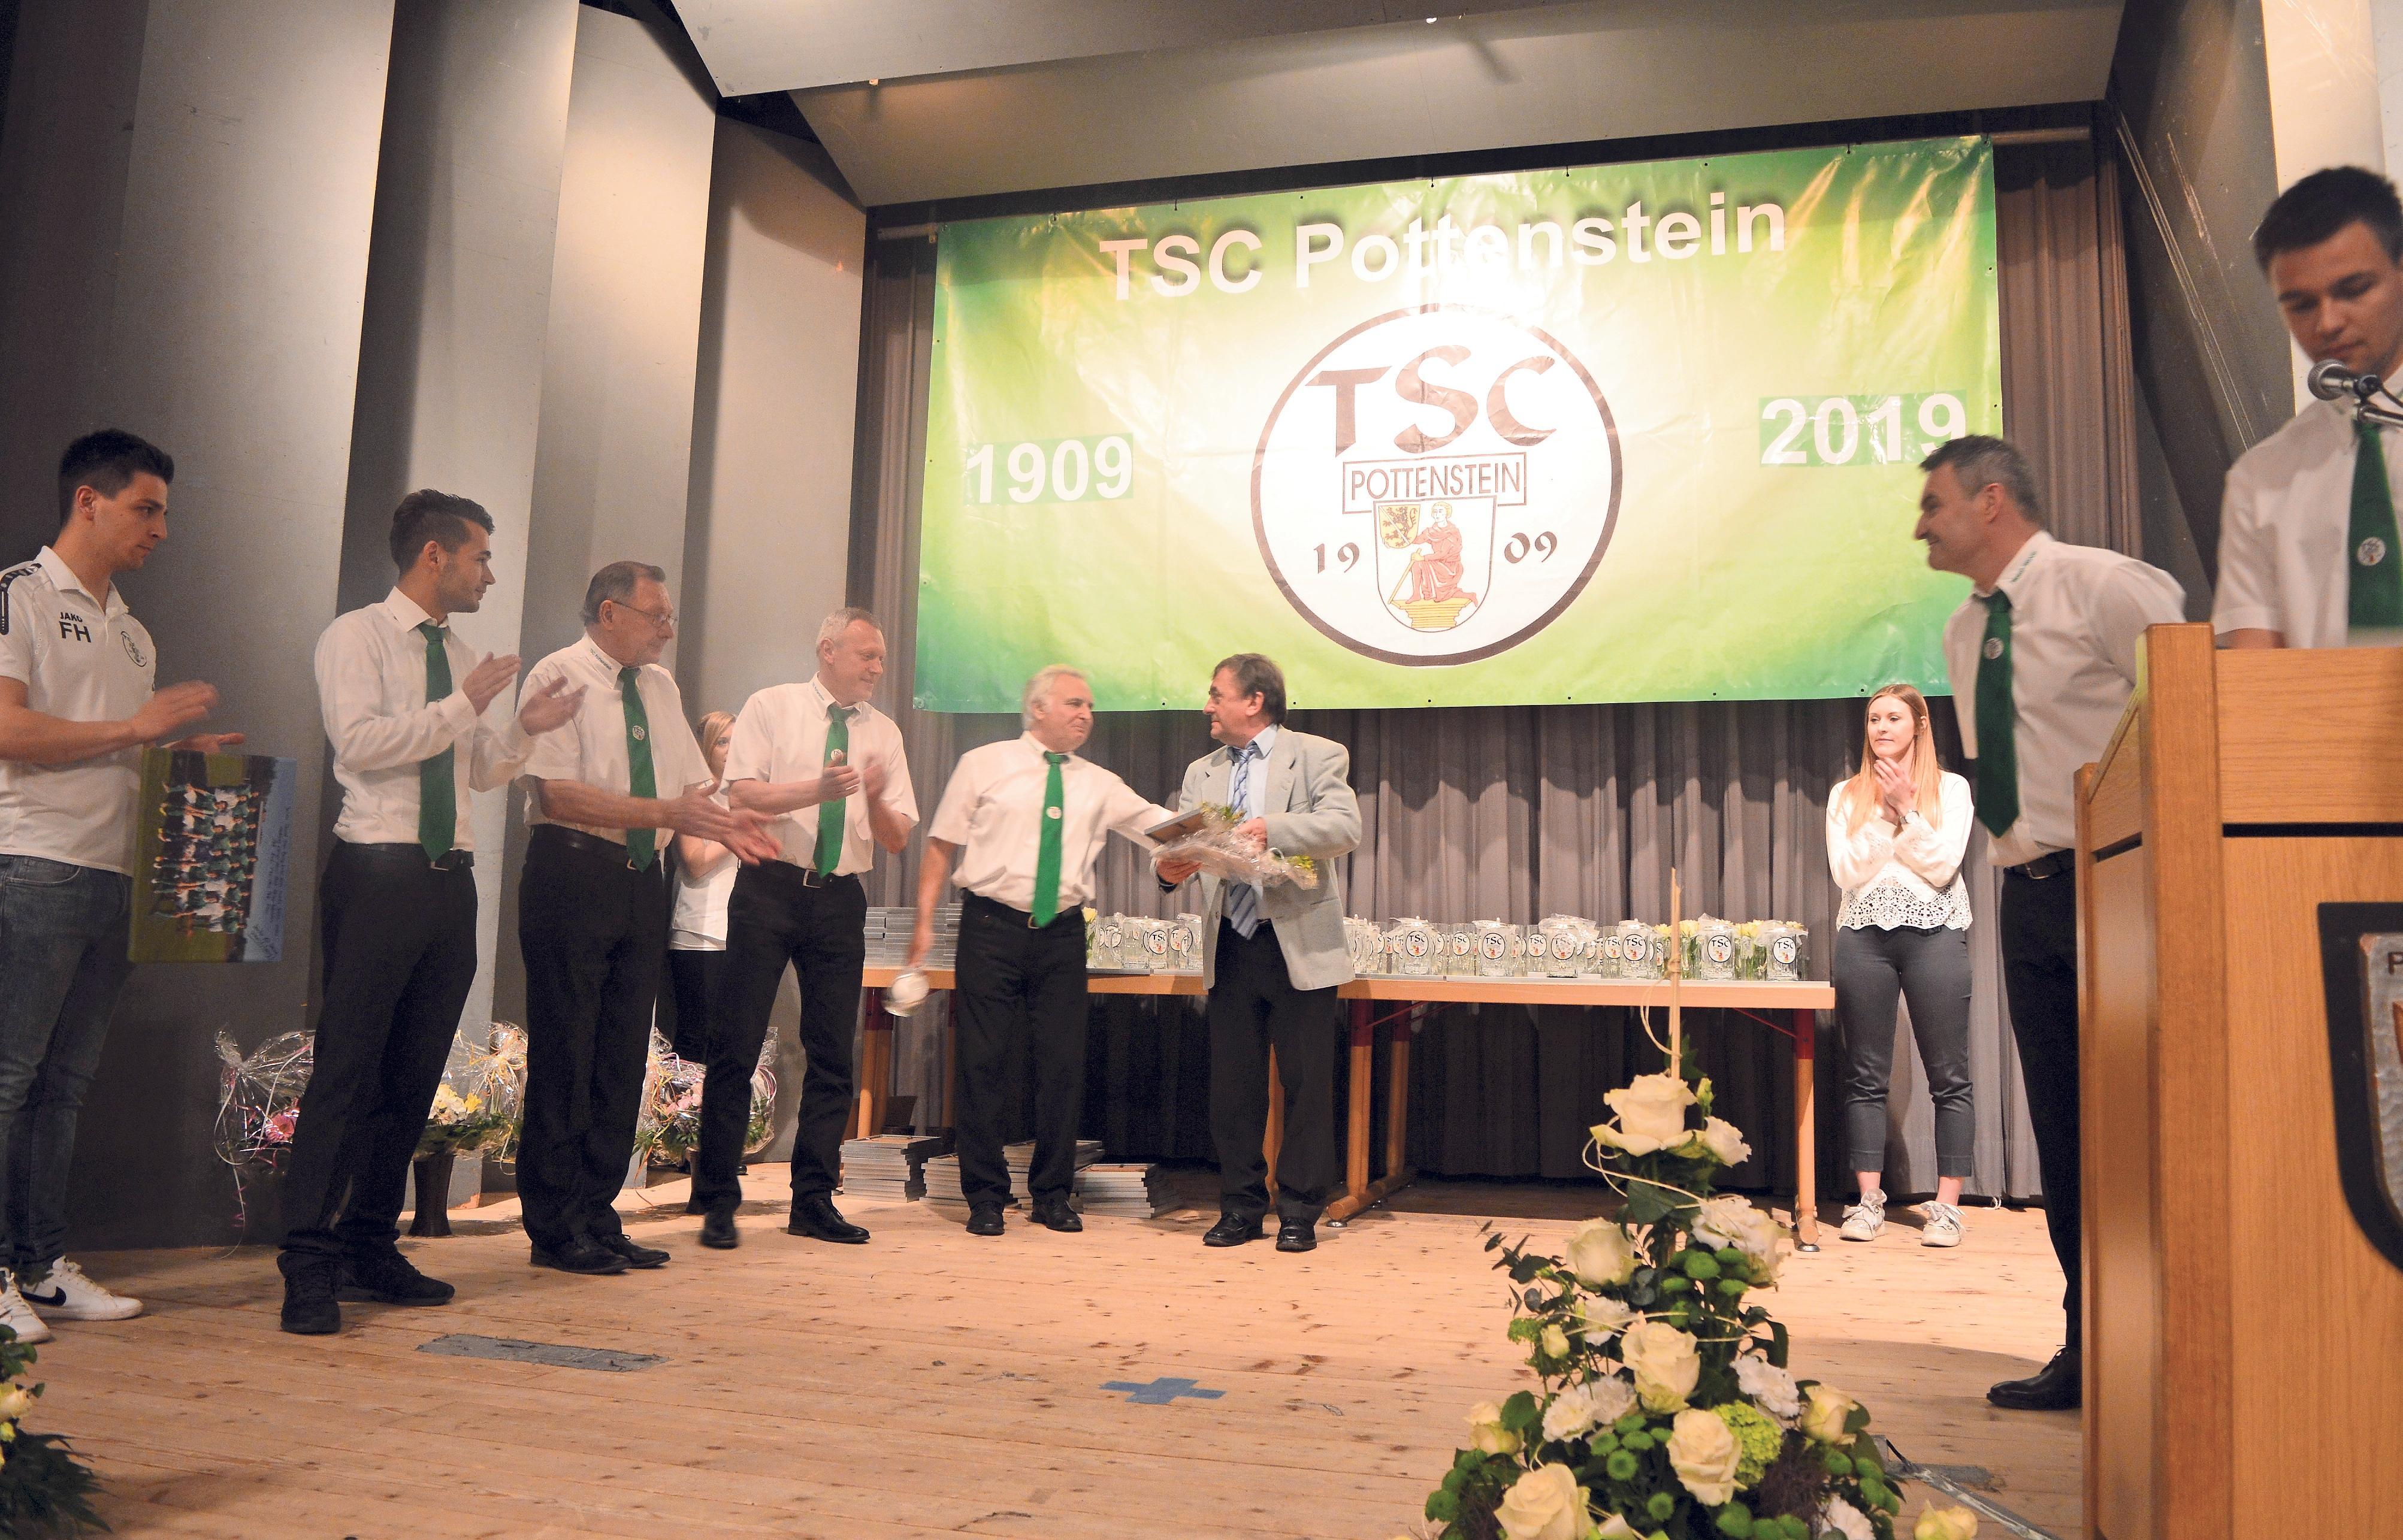 Die TSC-Vorstandschaft ehrte im Rahmen des Festkommers' im Frühjahr das langjährige Mitglied Heinz Pospischil, eine tragende Säule des Vereins. Pospischil ist seit seinem 17. Lebensjahr Schriftführer. Er begleitet den TSC mit Paragrafensicherheit und hat für alle Abteilungen immer ein offenes Ohr.